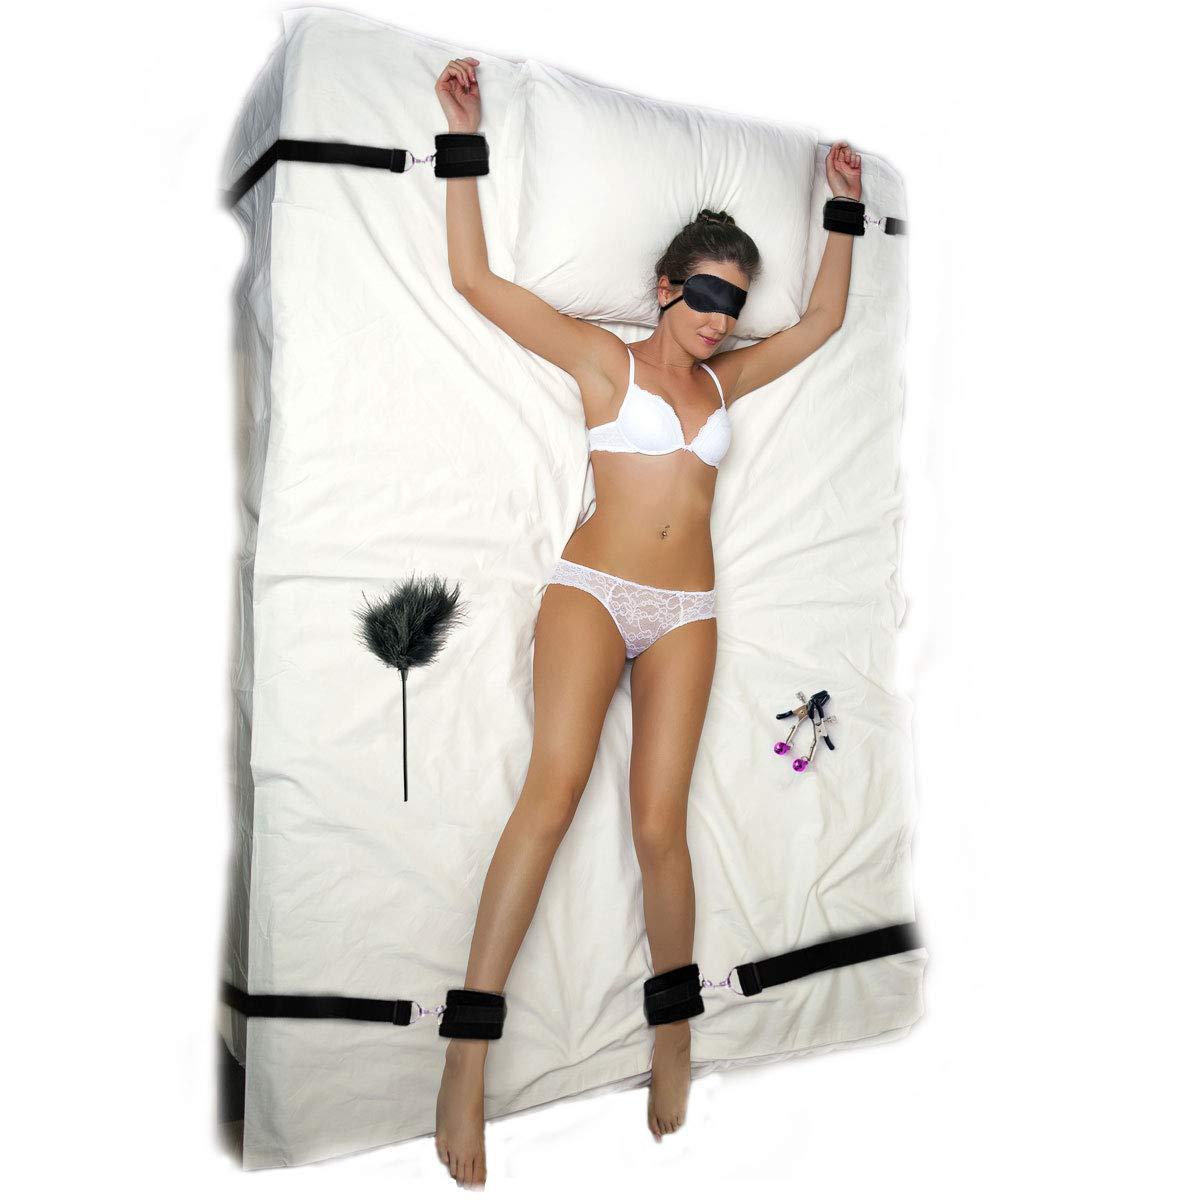 Bed Bondage Restraints Kit Sex Toys for Sex Games Under Mattress Fetish Adjustable Bed Restraints Set SM for Couples Adult Beginner Handcuffs Clips Blindfold Feather Teaser by Nanchor